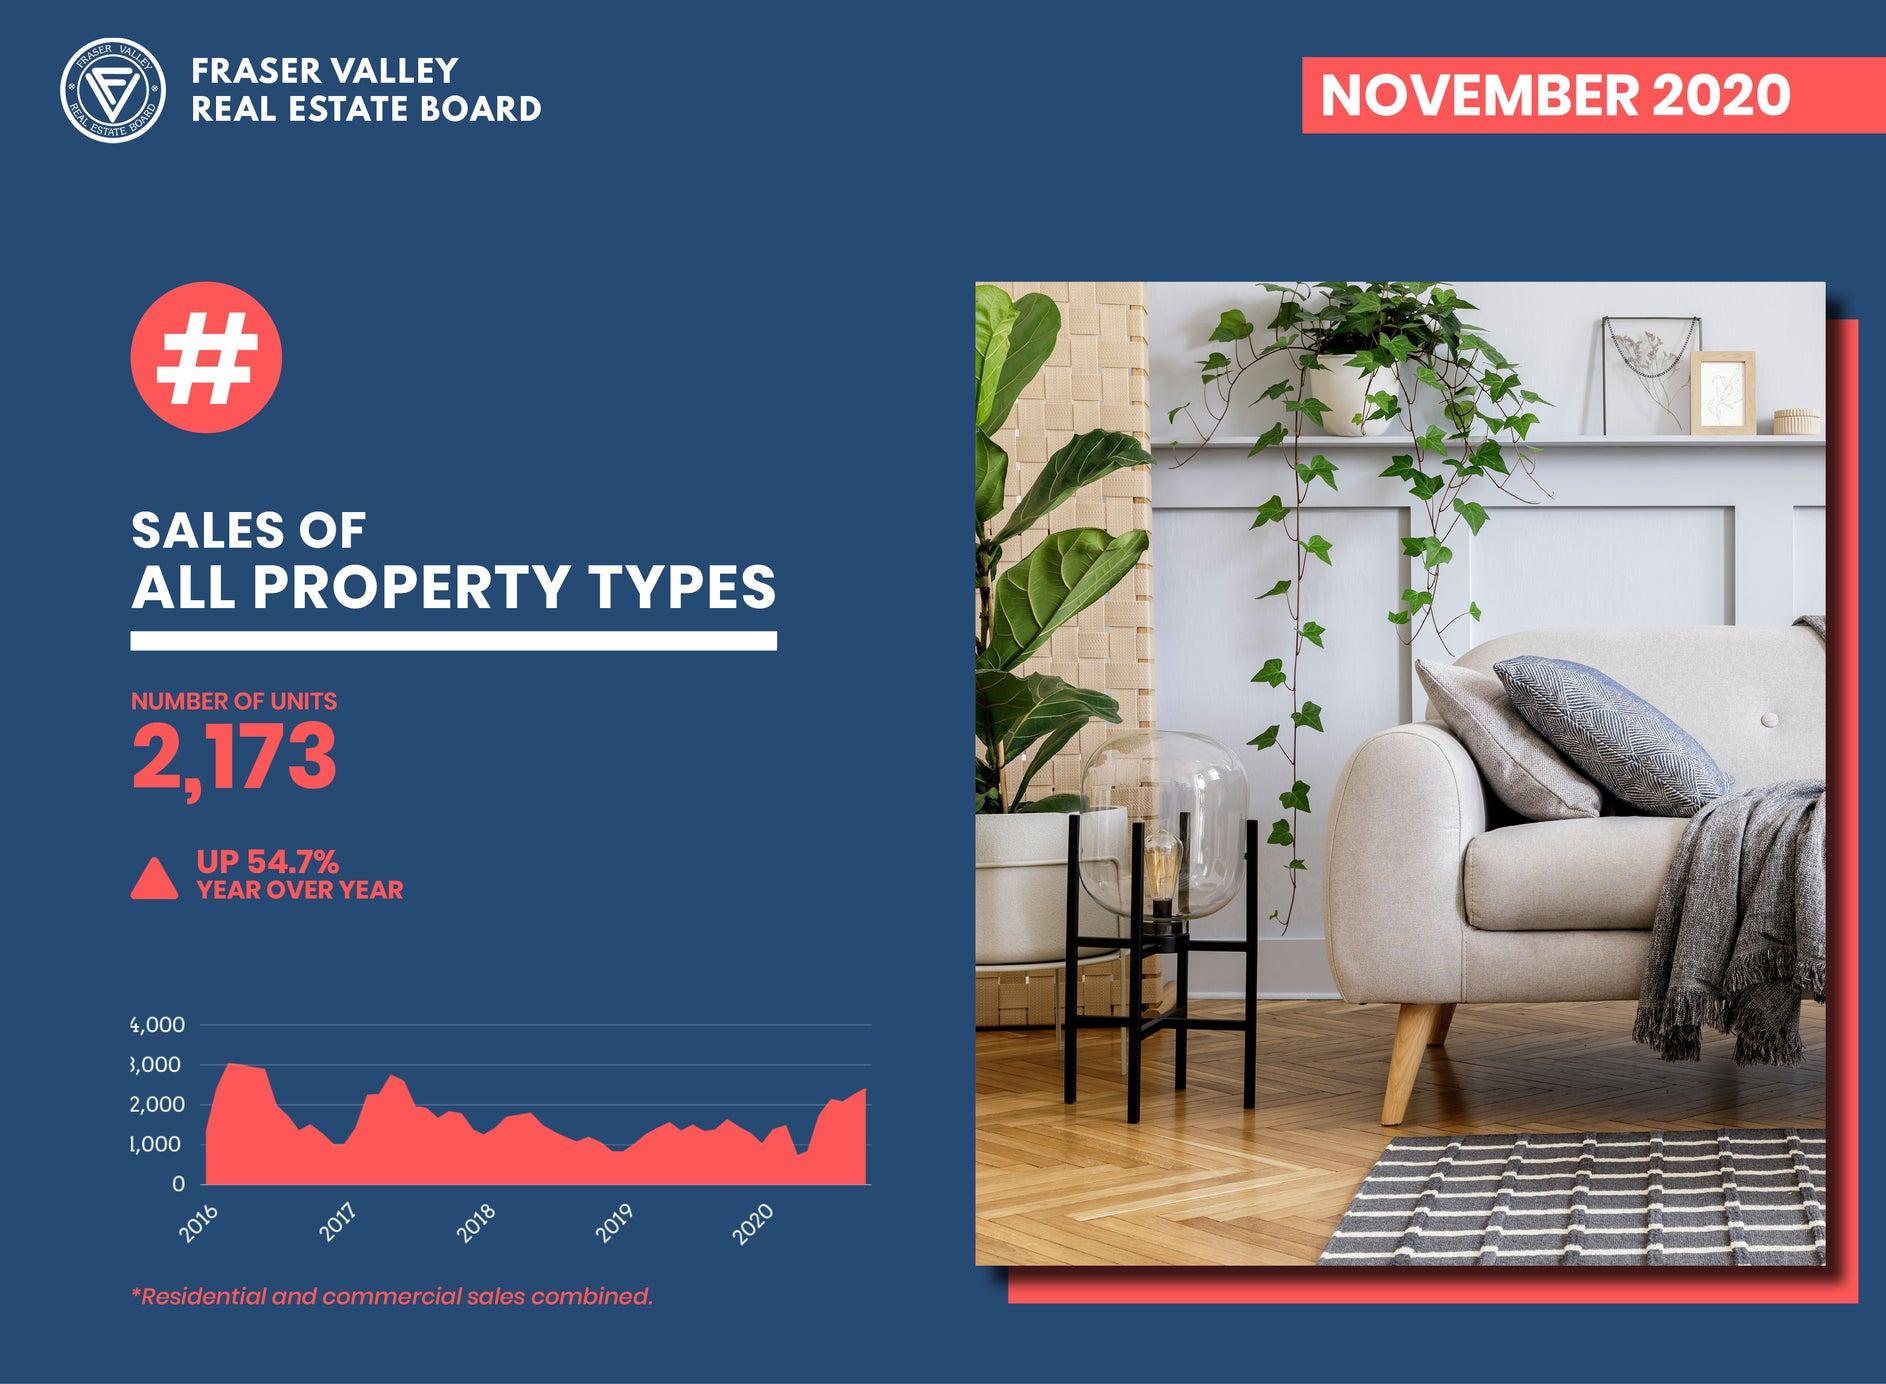 Fraser Valley Real Estate Market Report November 2020 – Property Sales